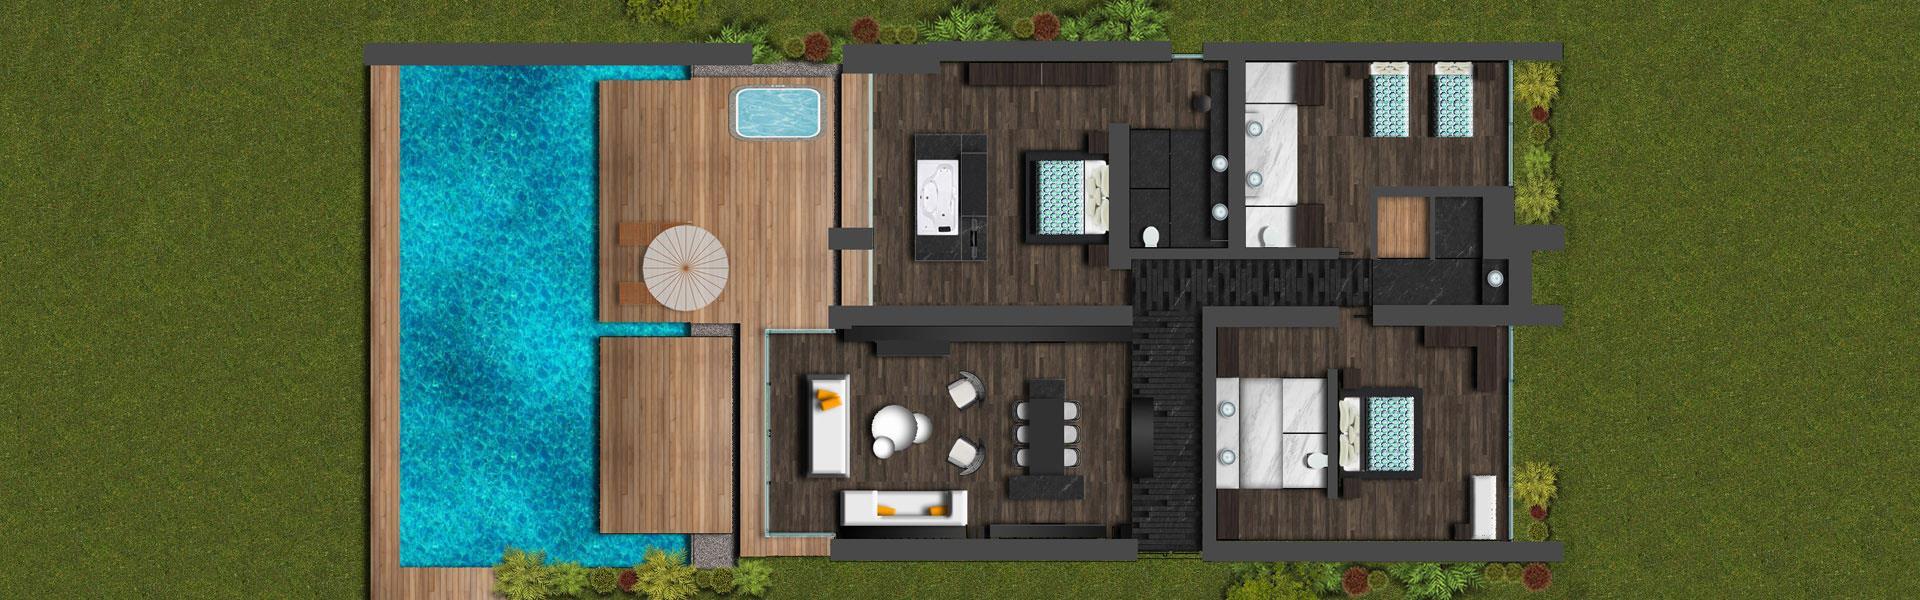 Royal Beach Villa 3 Yatak Odalı Oda Planı